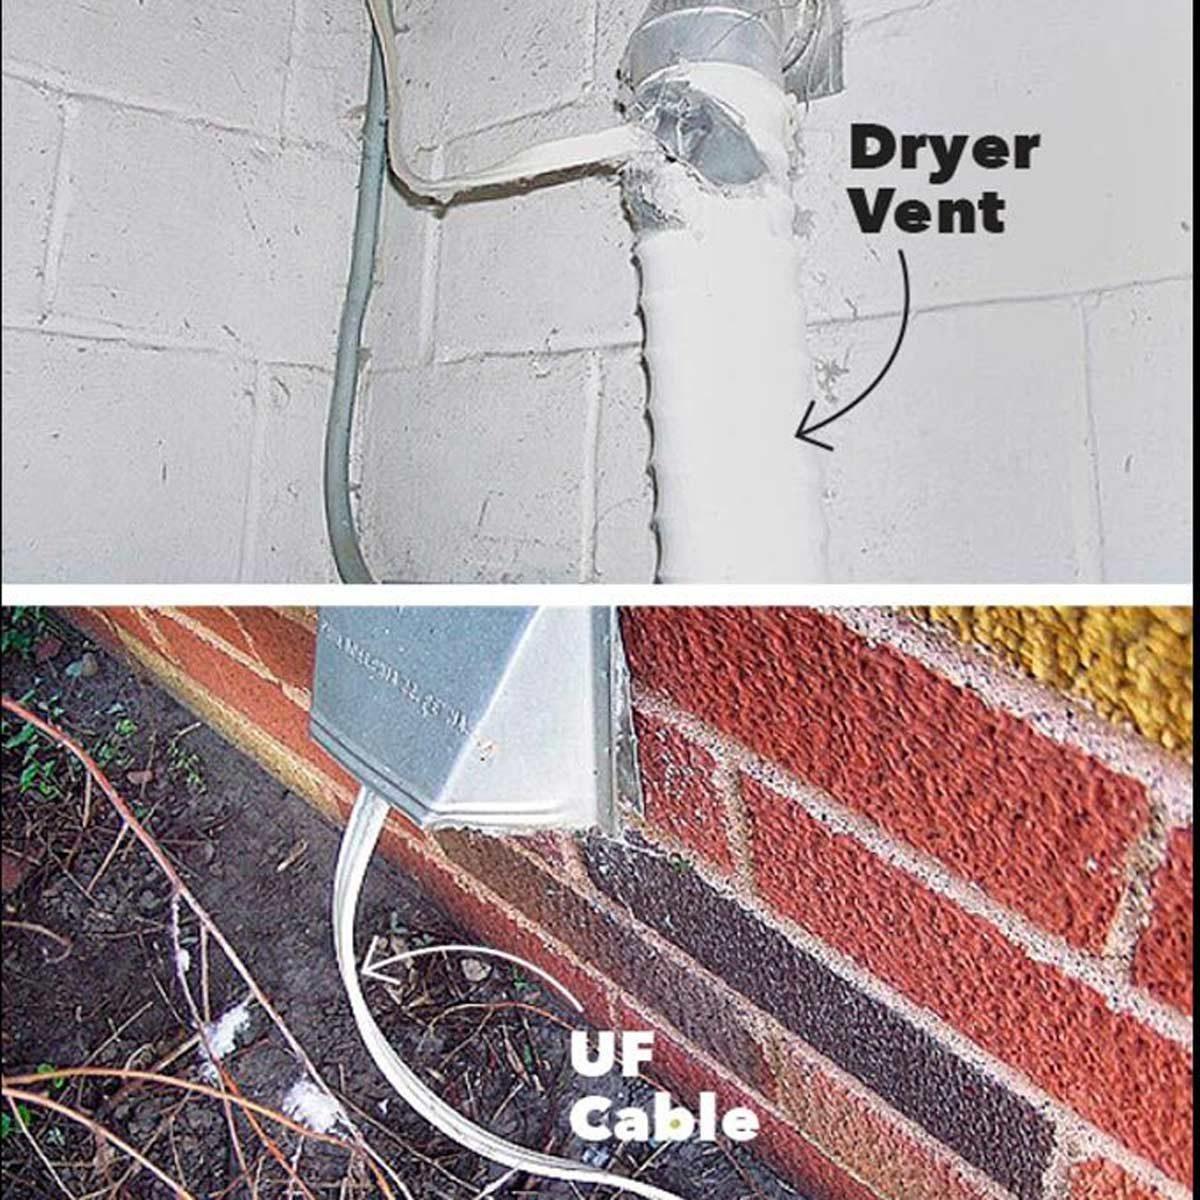 Dryer vent as conduit—brilliant!